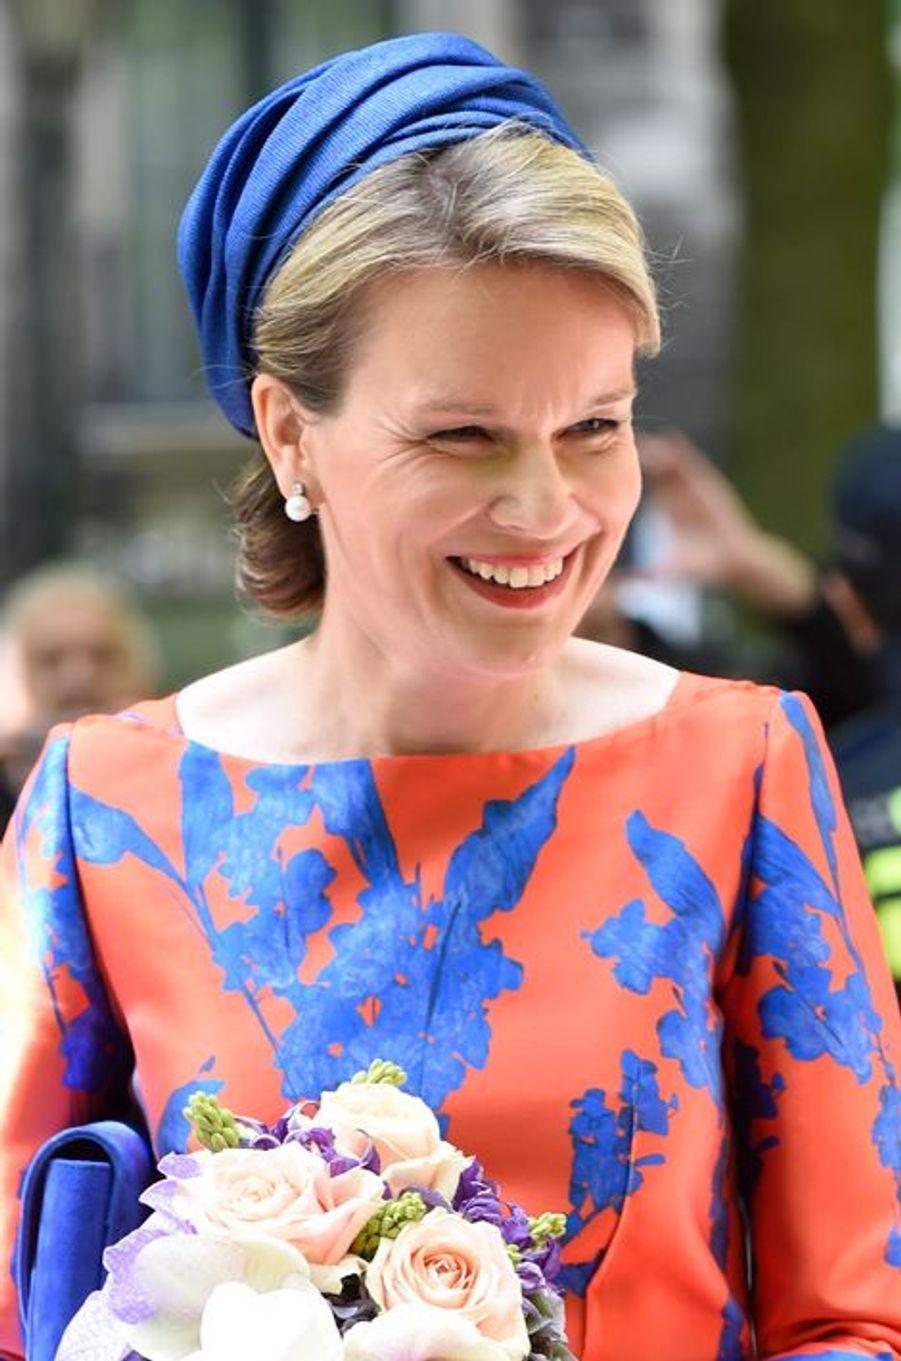 La reine Mathilde de Belgique à La Haye, le 20 mai 2015